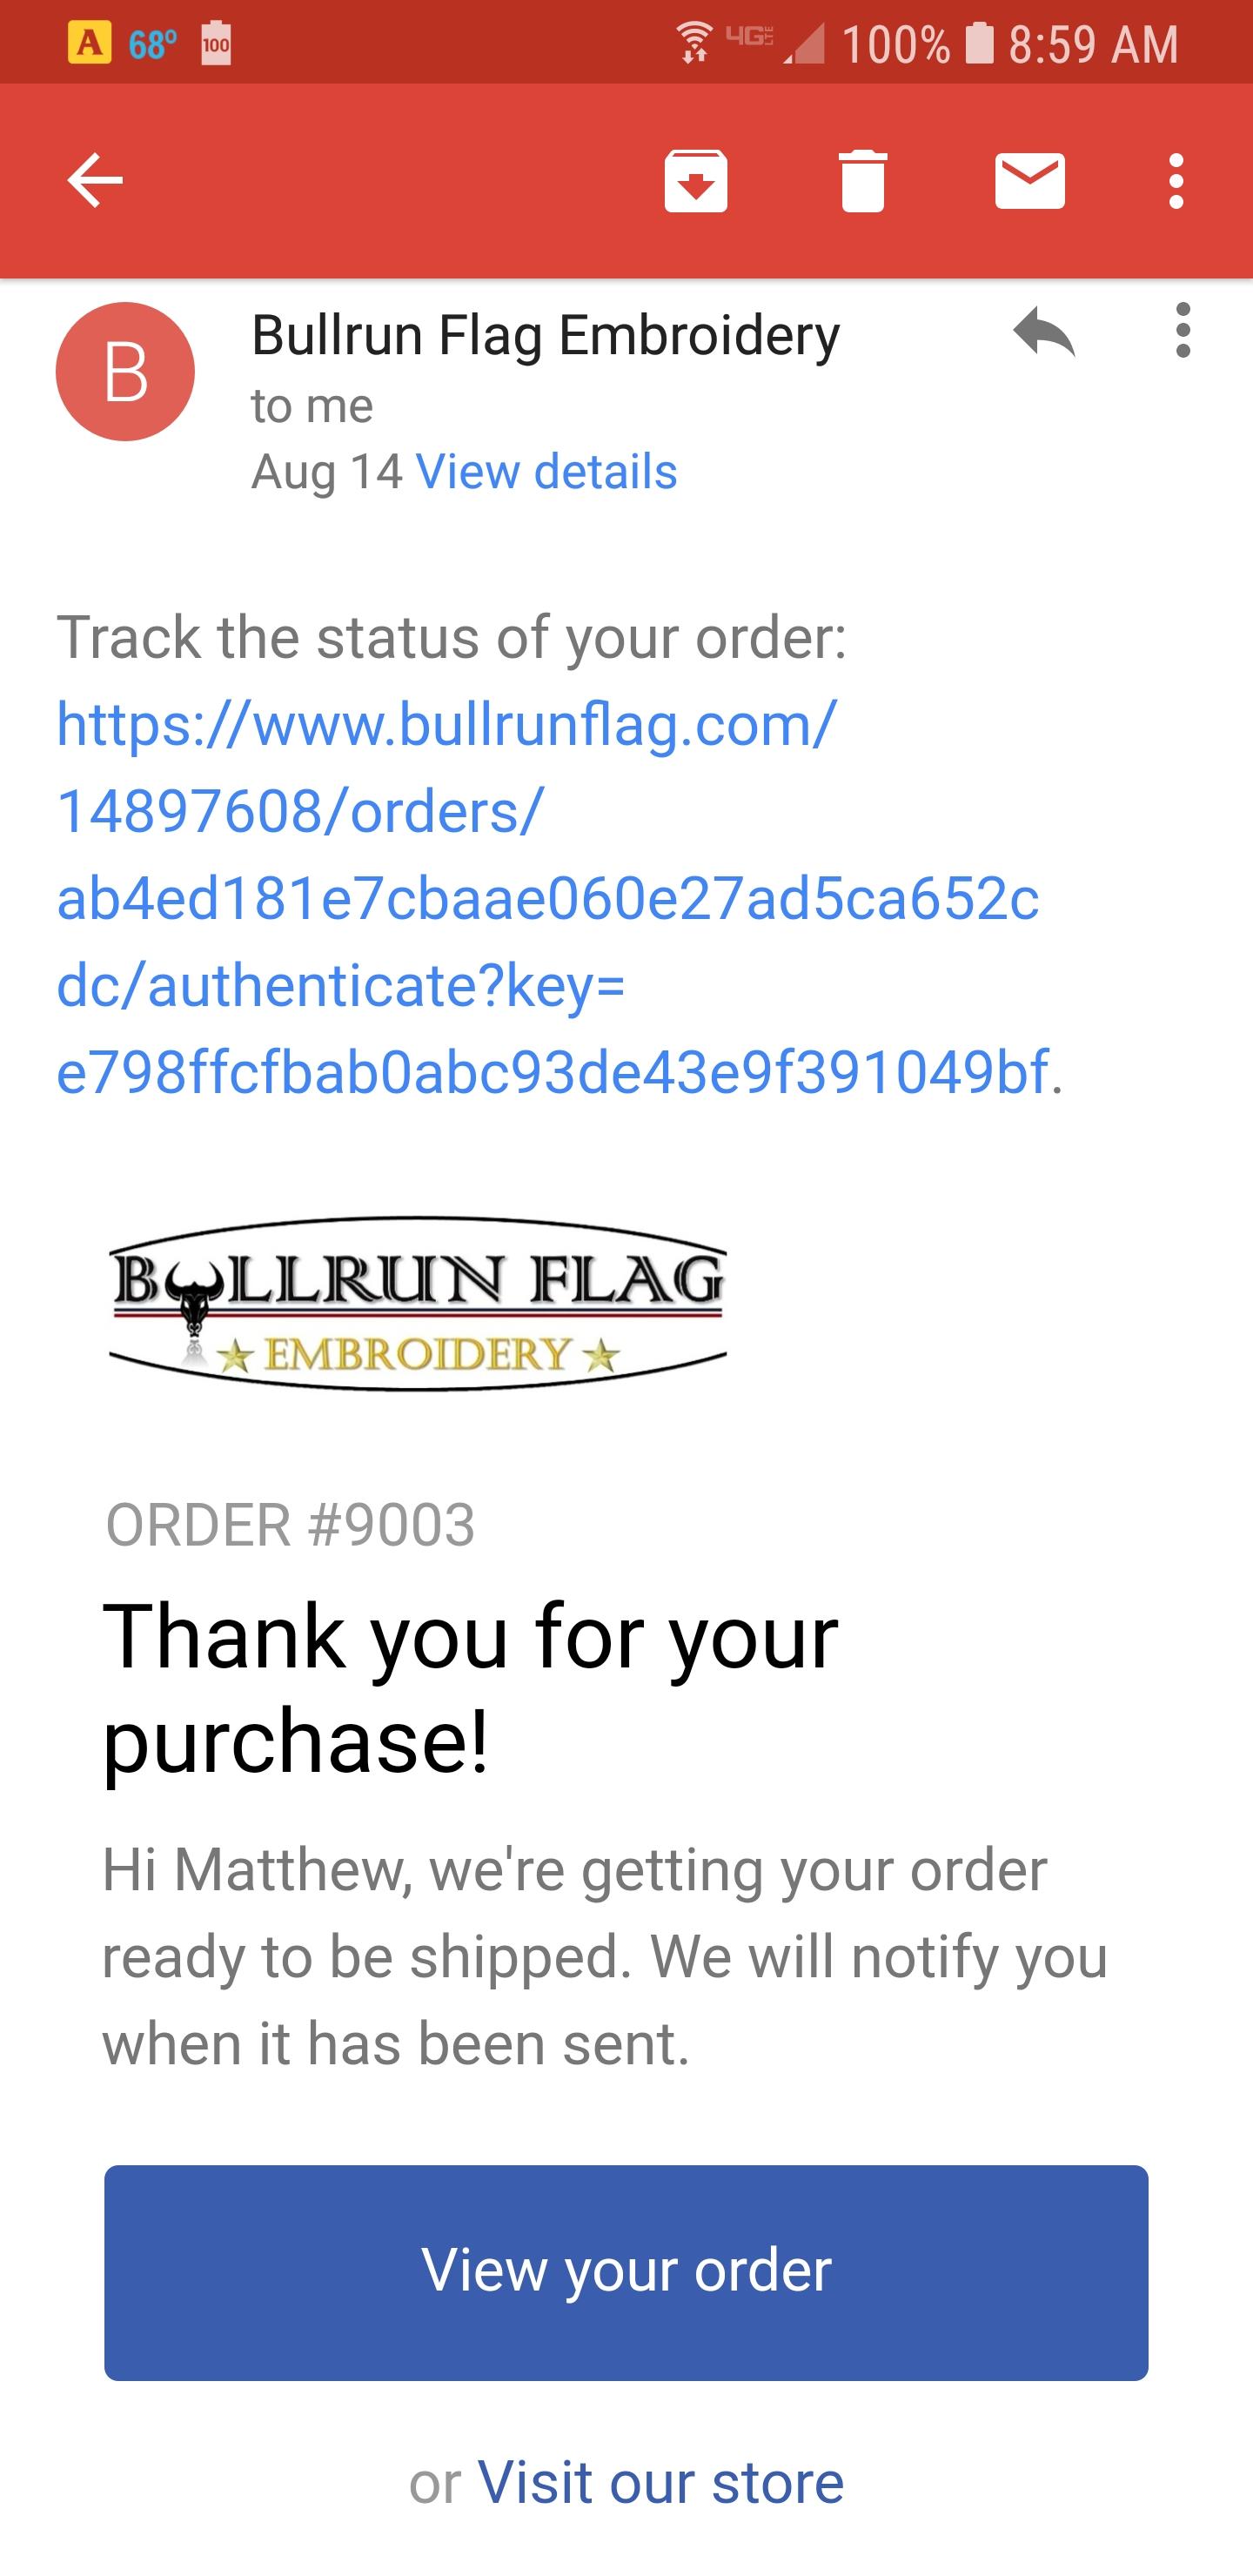 42b2d8717 Bullrun Flag Reviews - 46 Reviews of Bullrunflag.com | Sitejabber